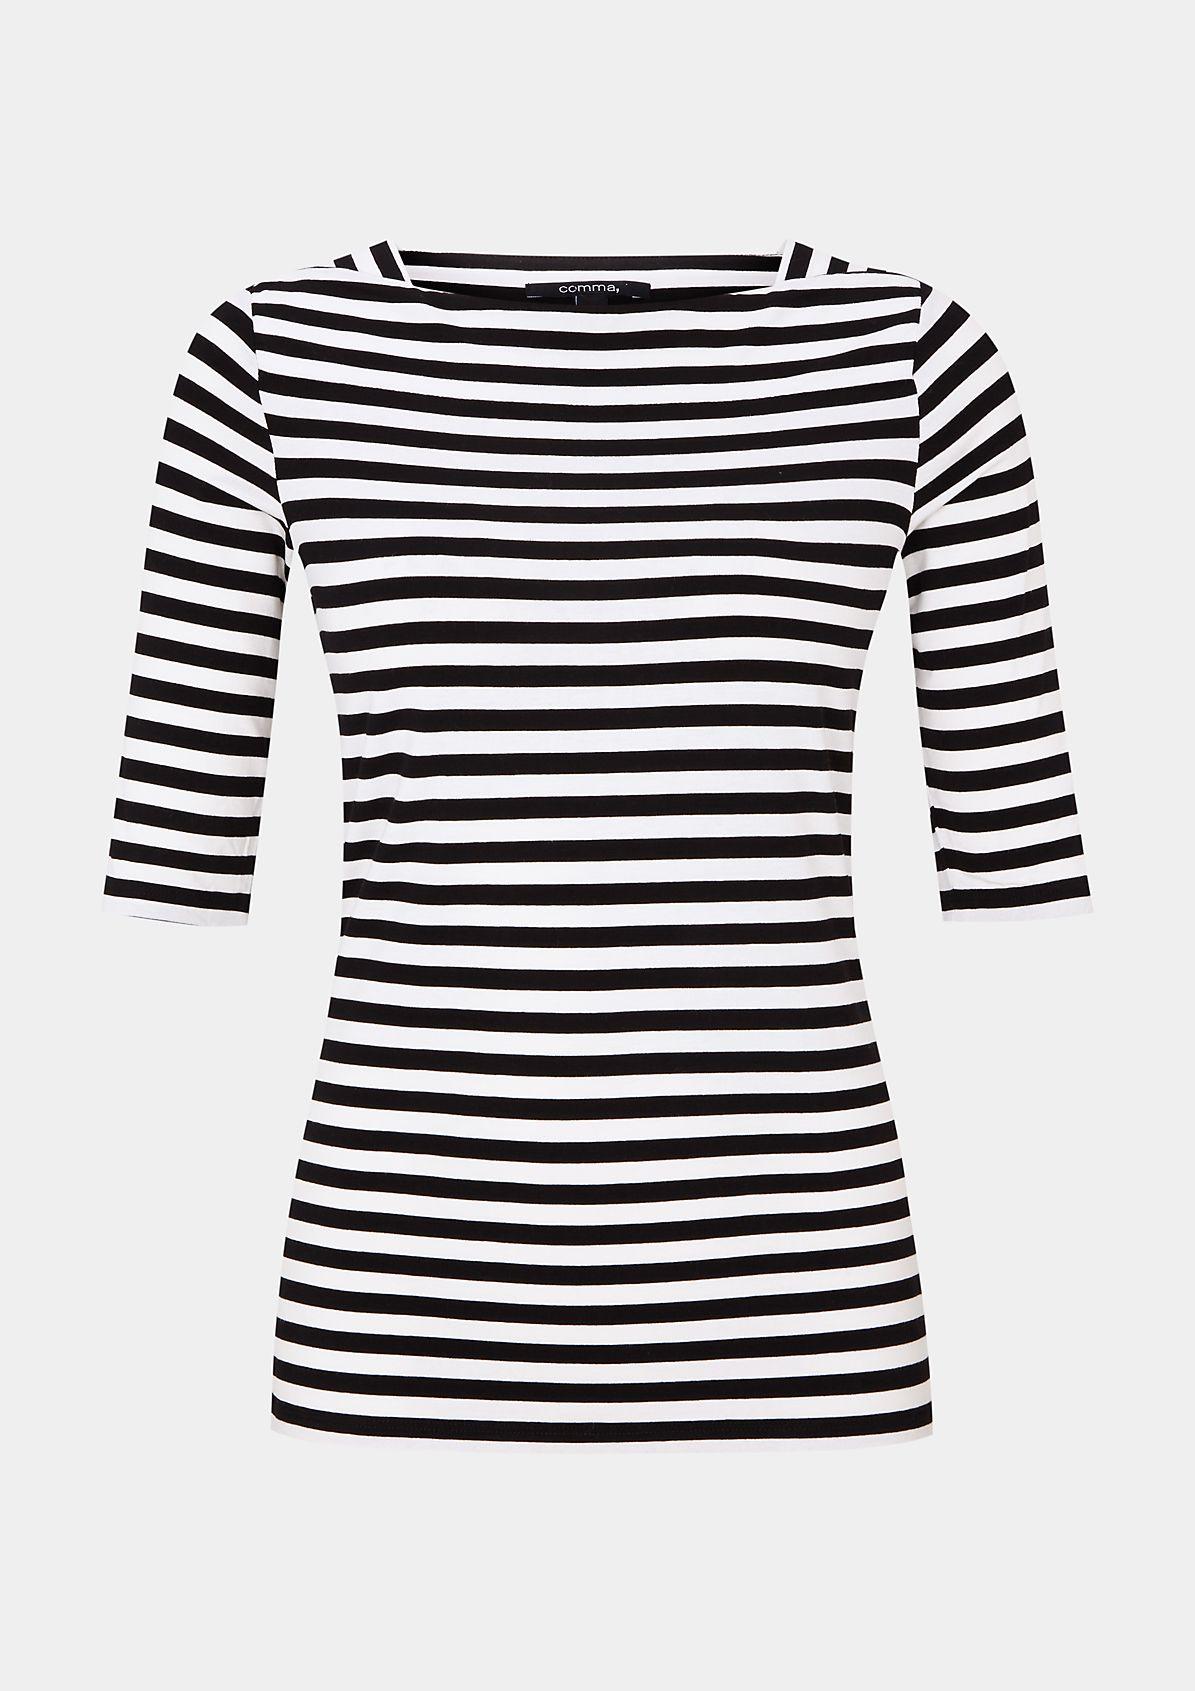 Lässiges Jerseyshirt mit klassischem Streifenmuster